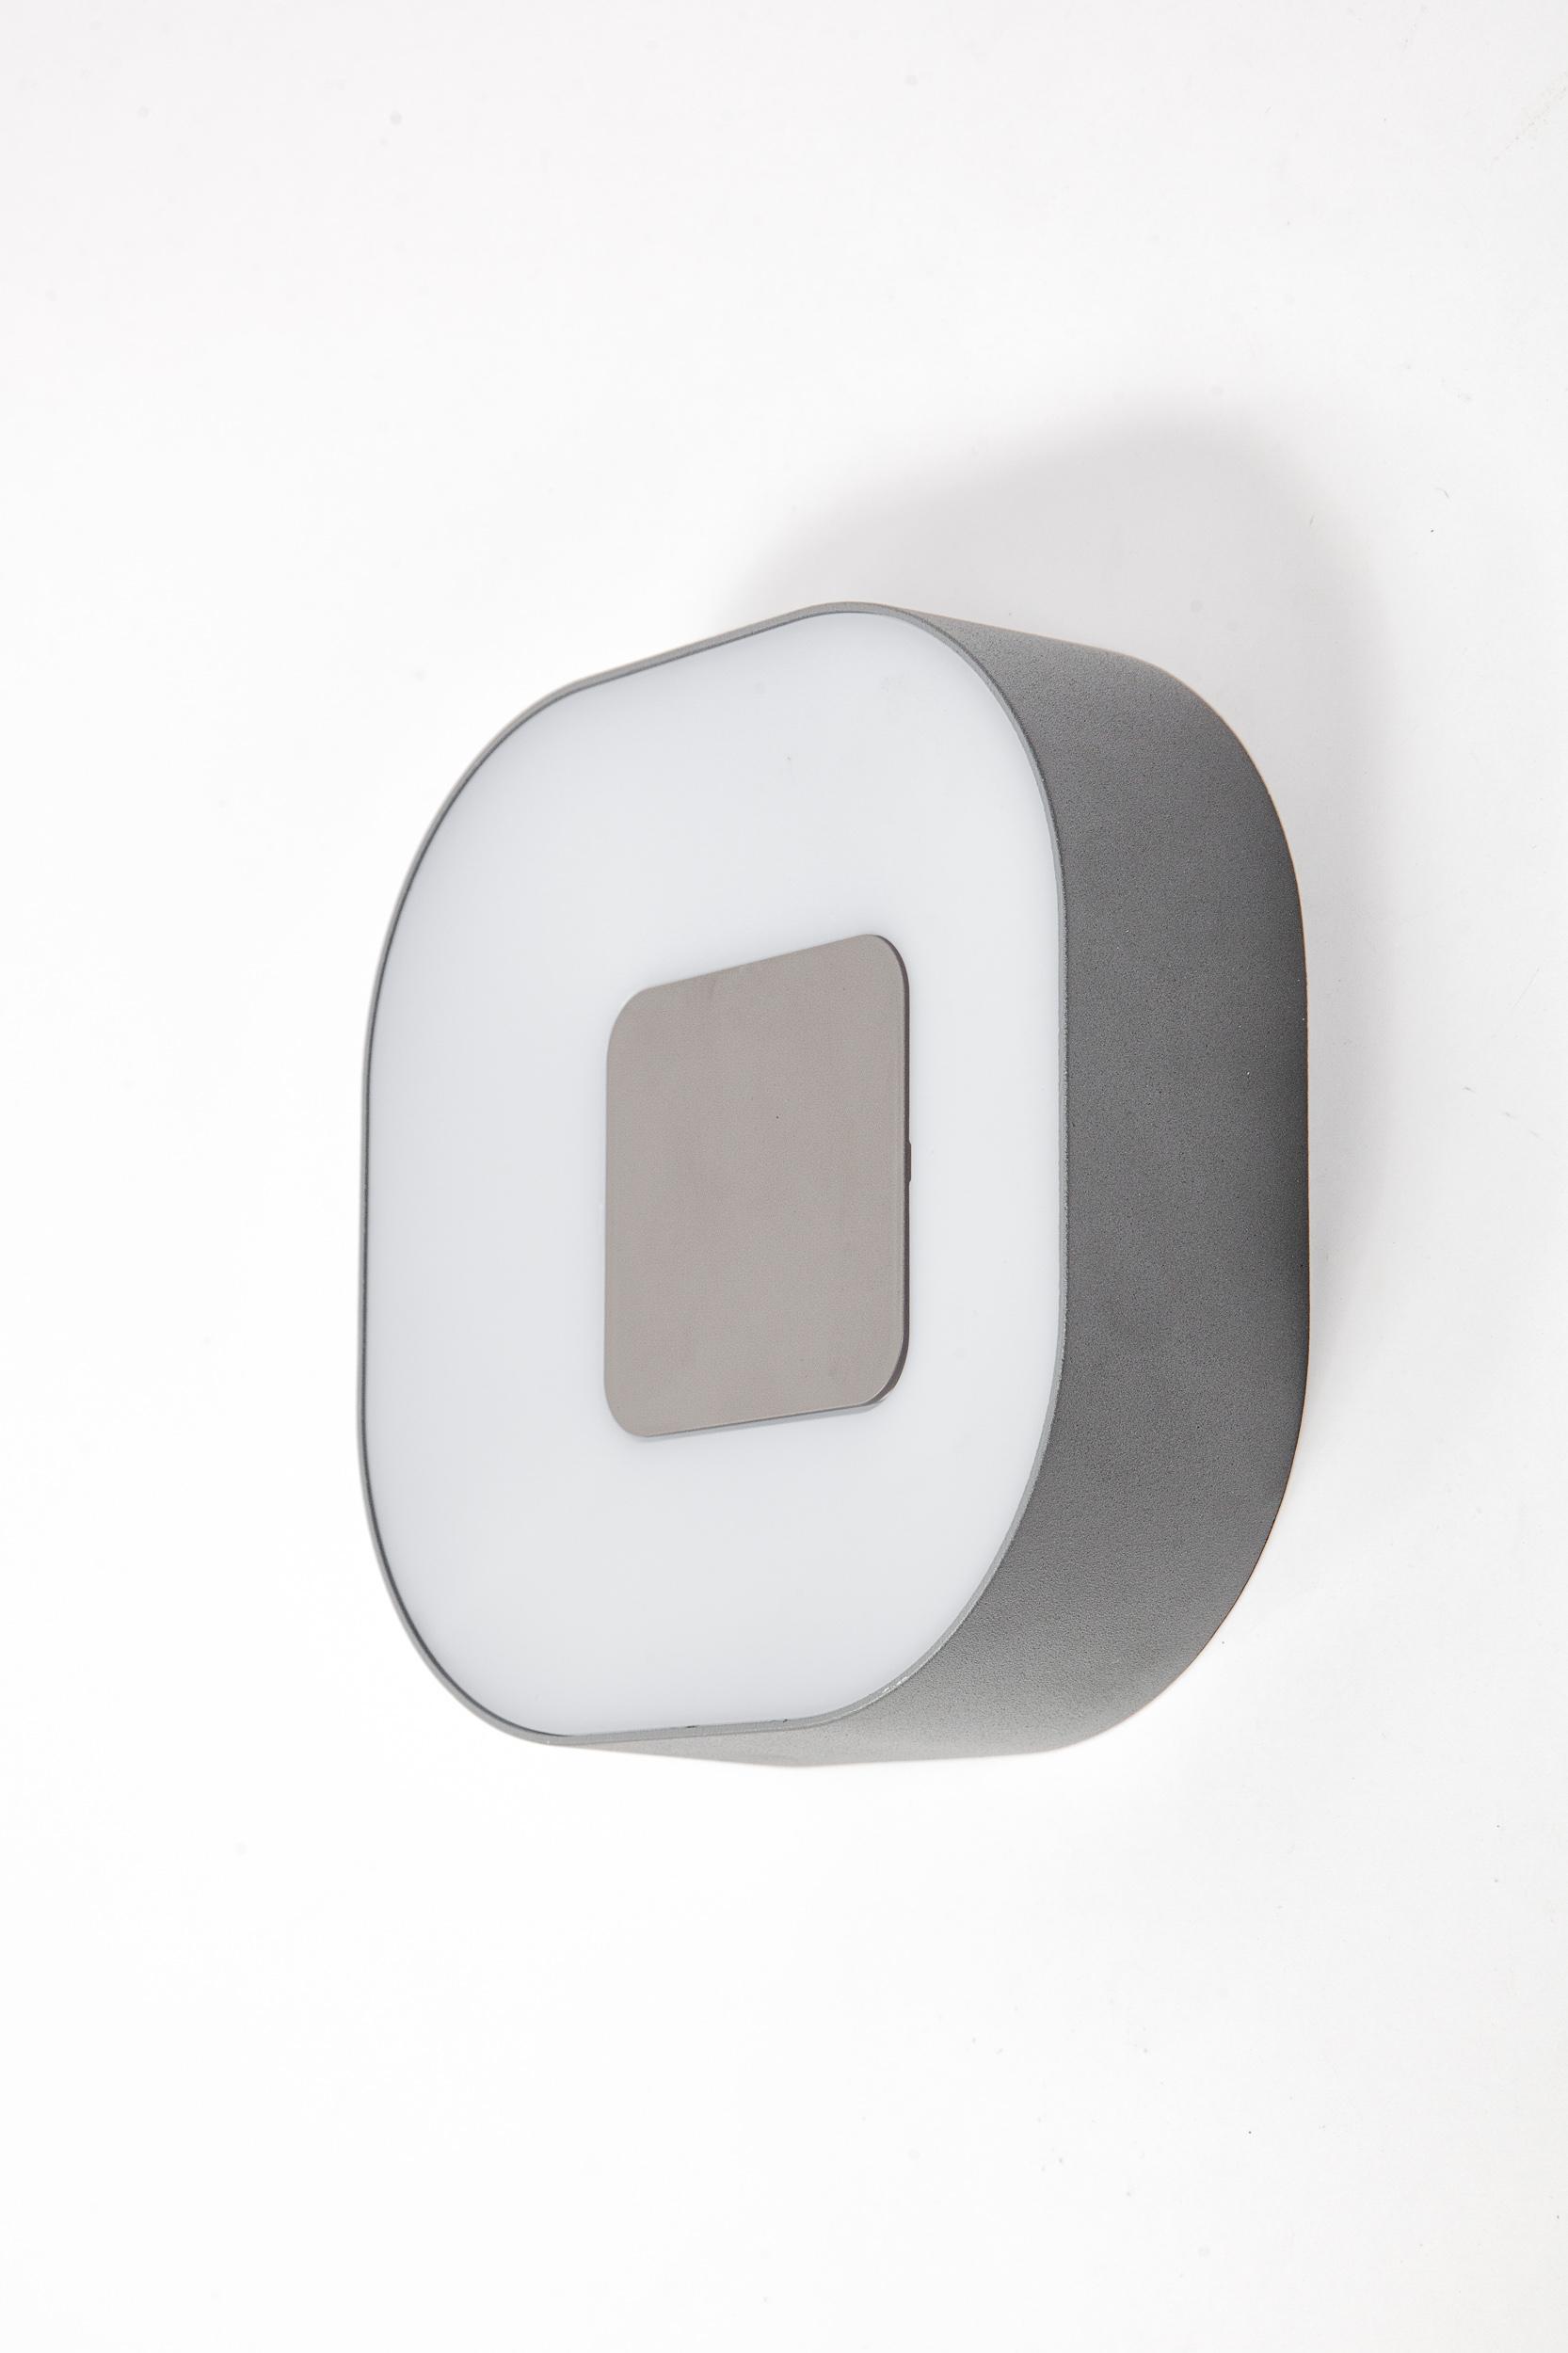 Светильник уличный Lutec 3501s leflash датчик движения ик настенный 120° потолочный 360° белый